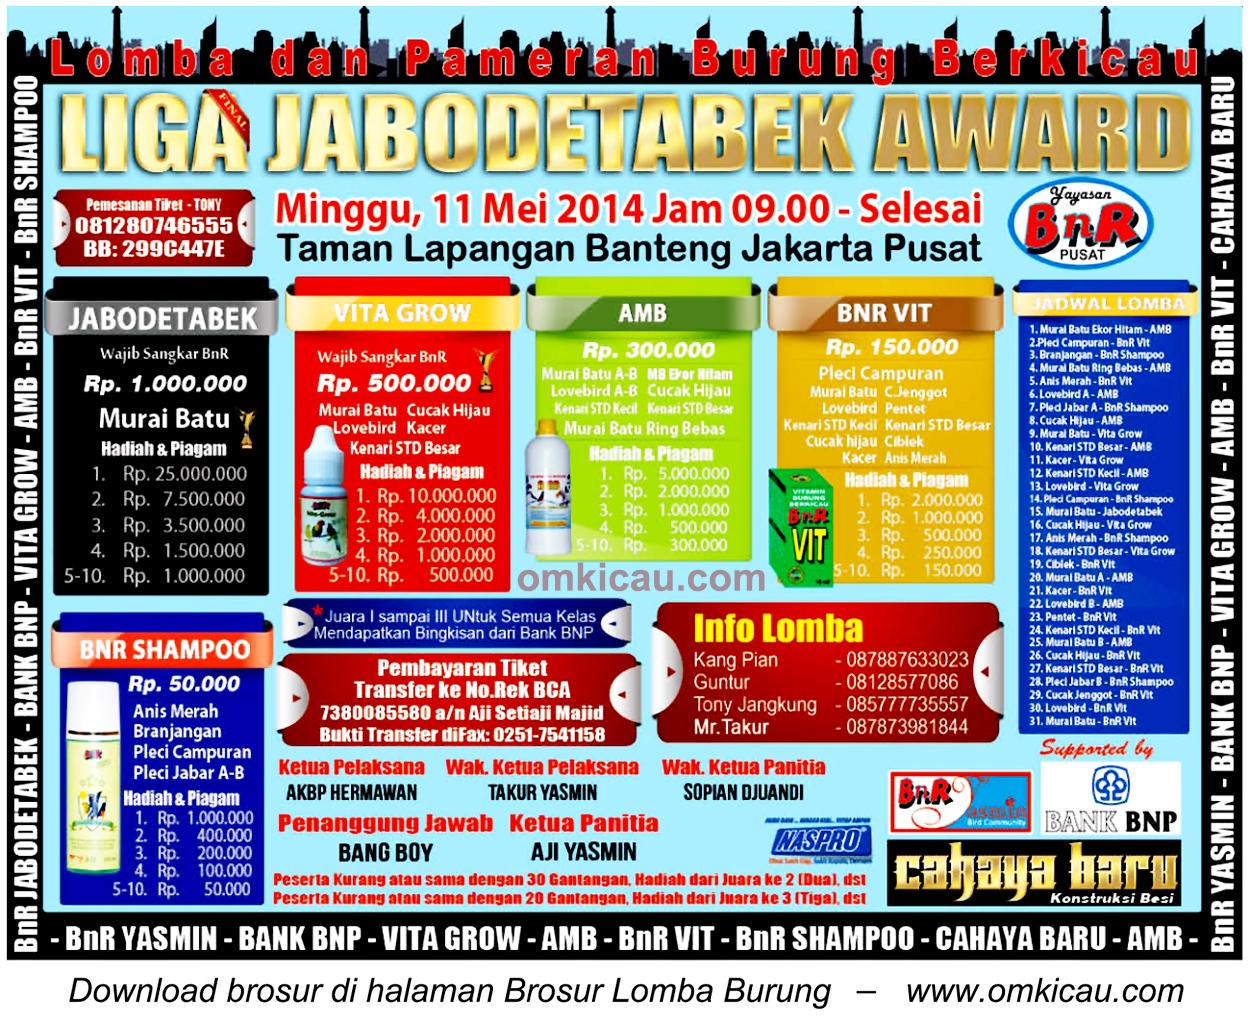 Brosur Lomba Burung Liga Jabodebatek Award, Jakarta Pusat, 11 Mei 2014